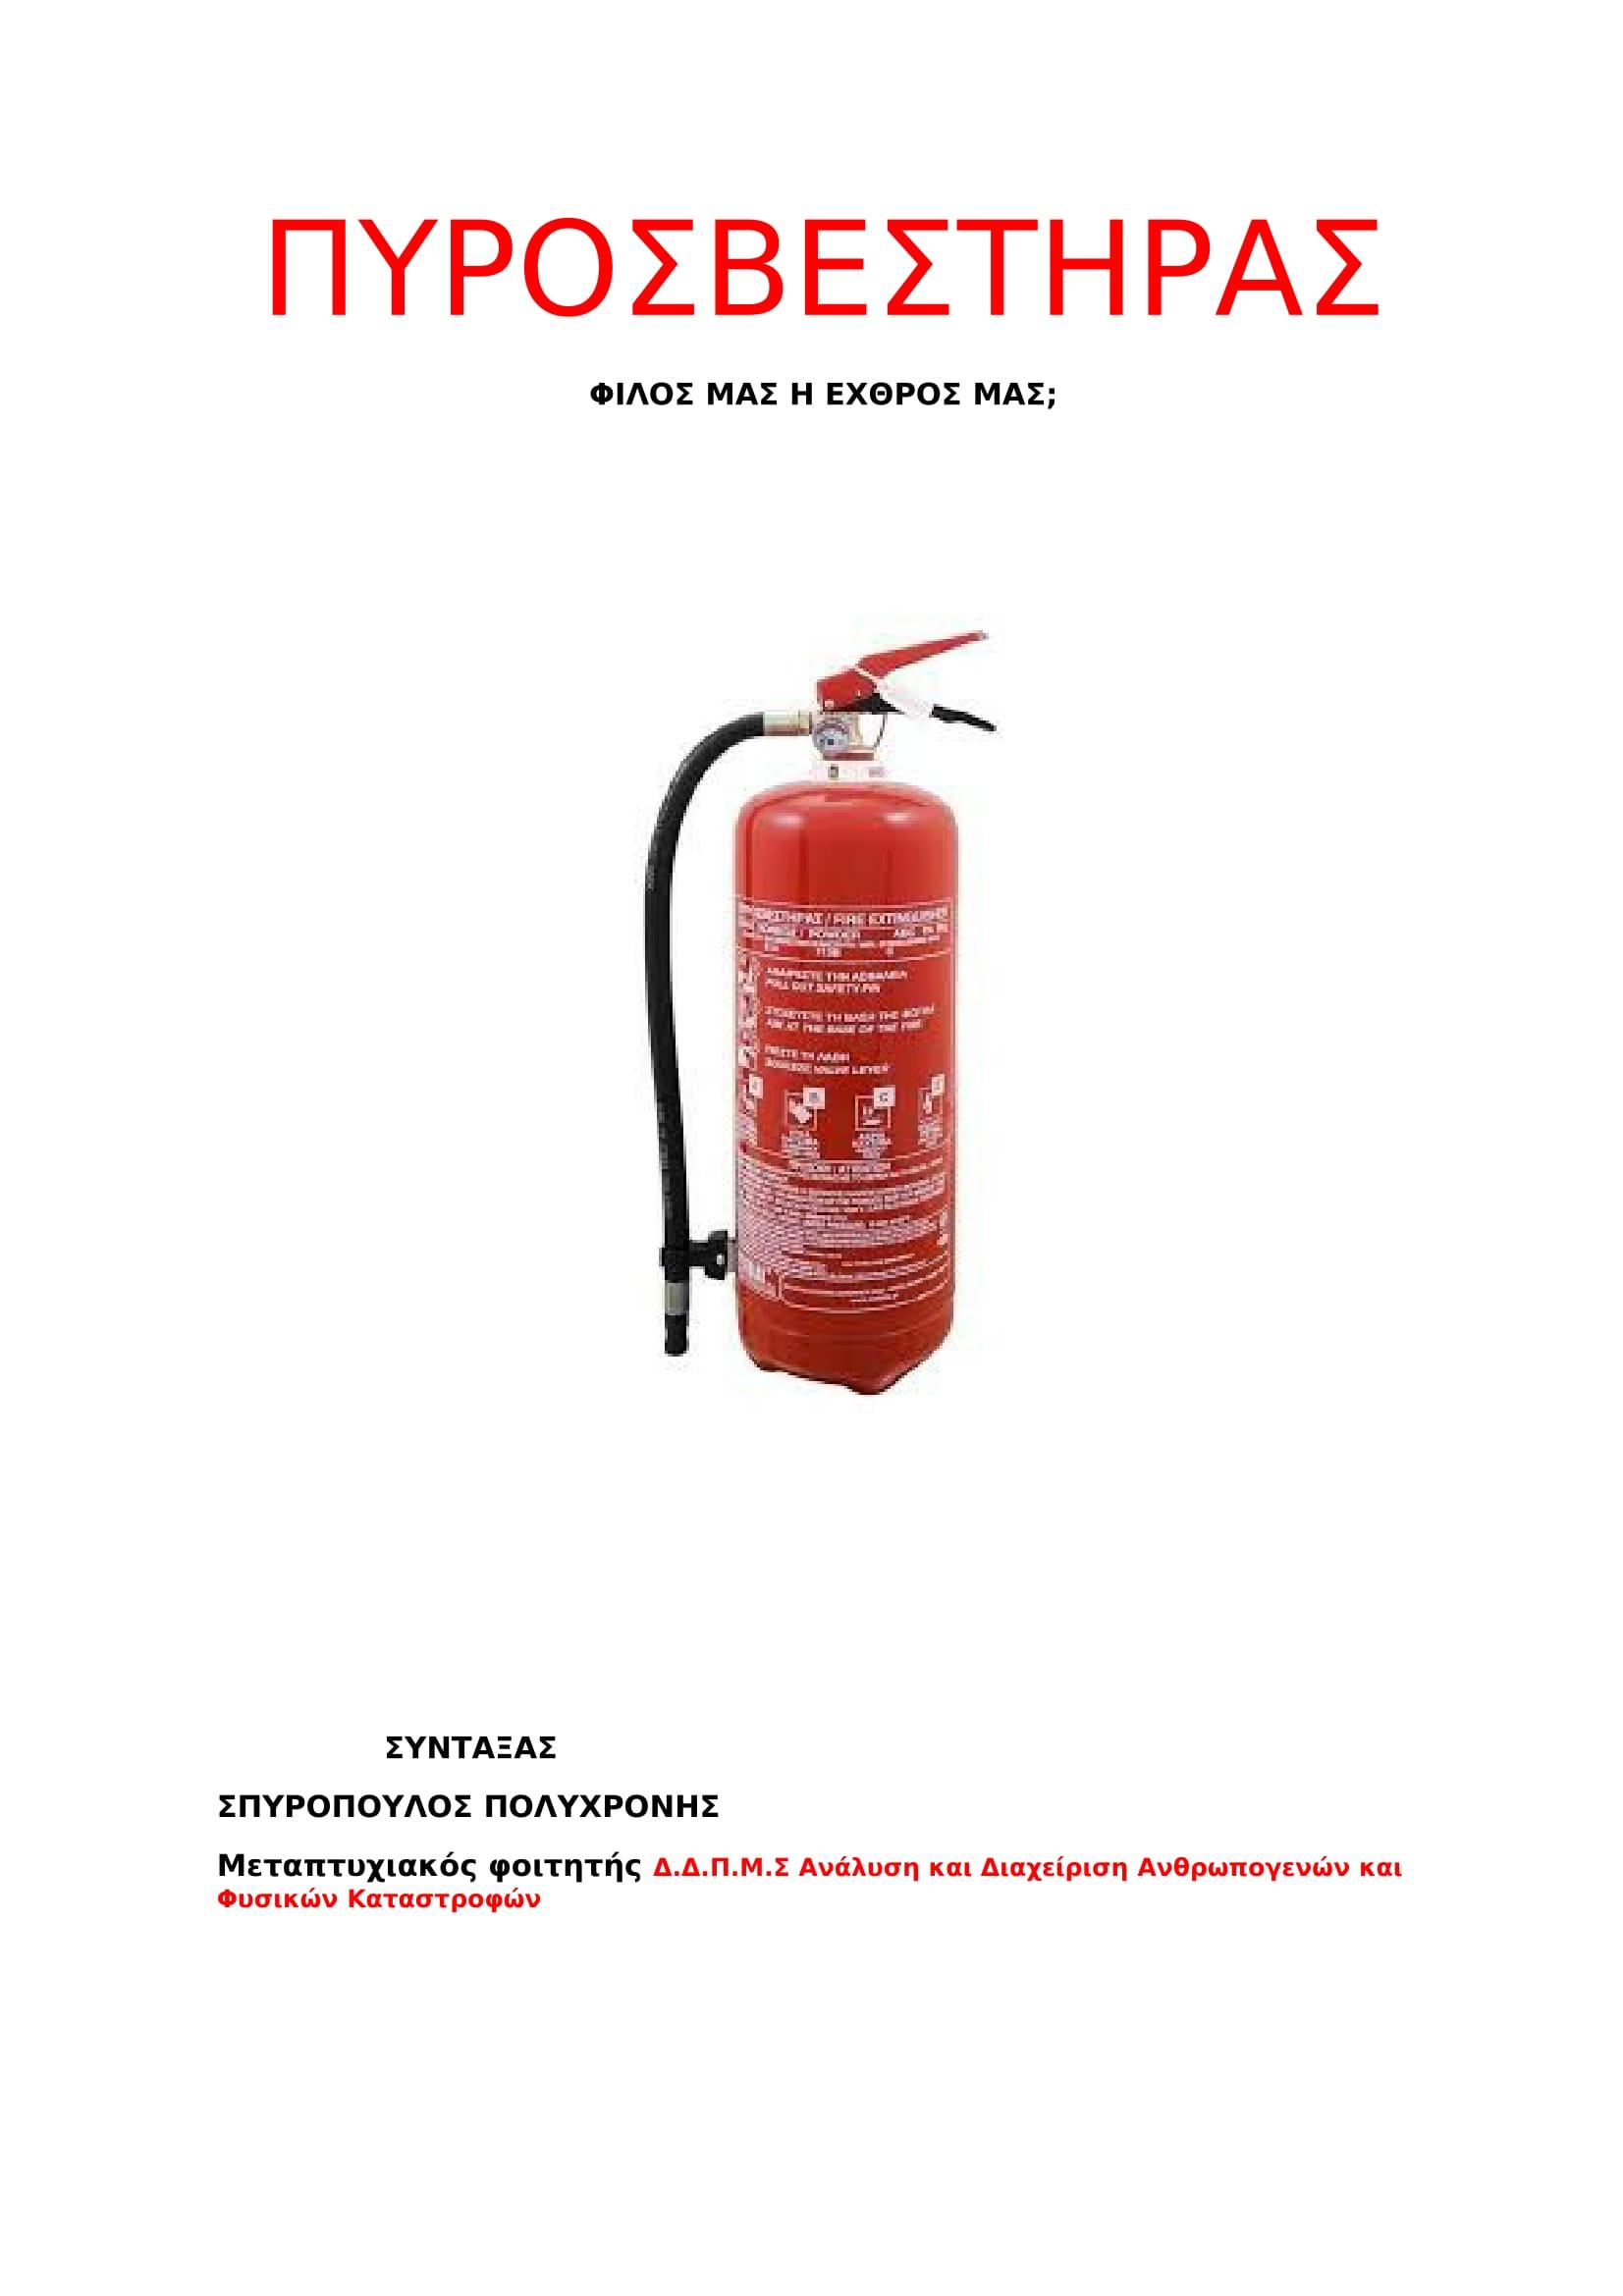 «Πυροσβεστήρας: Φίλος μας ή εχθρός μας;»                           1 01